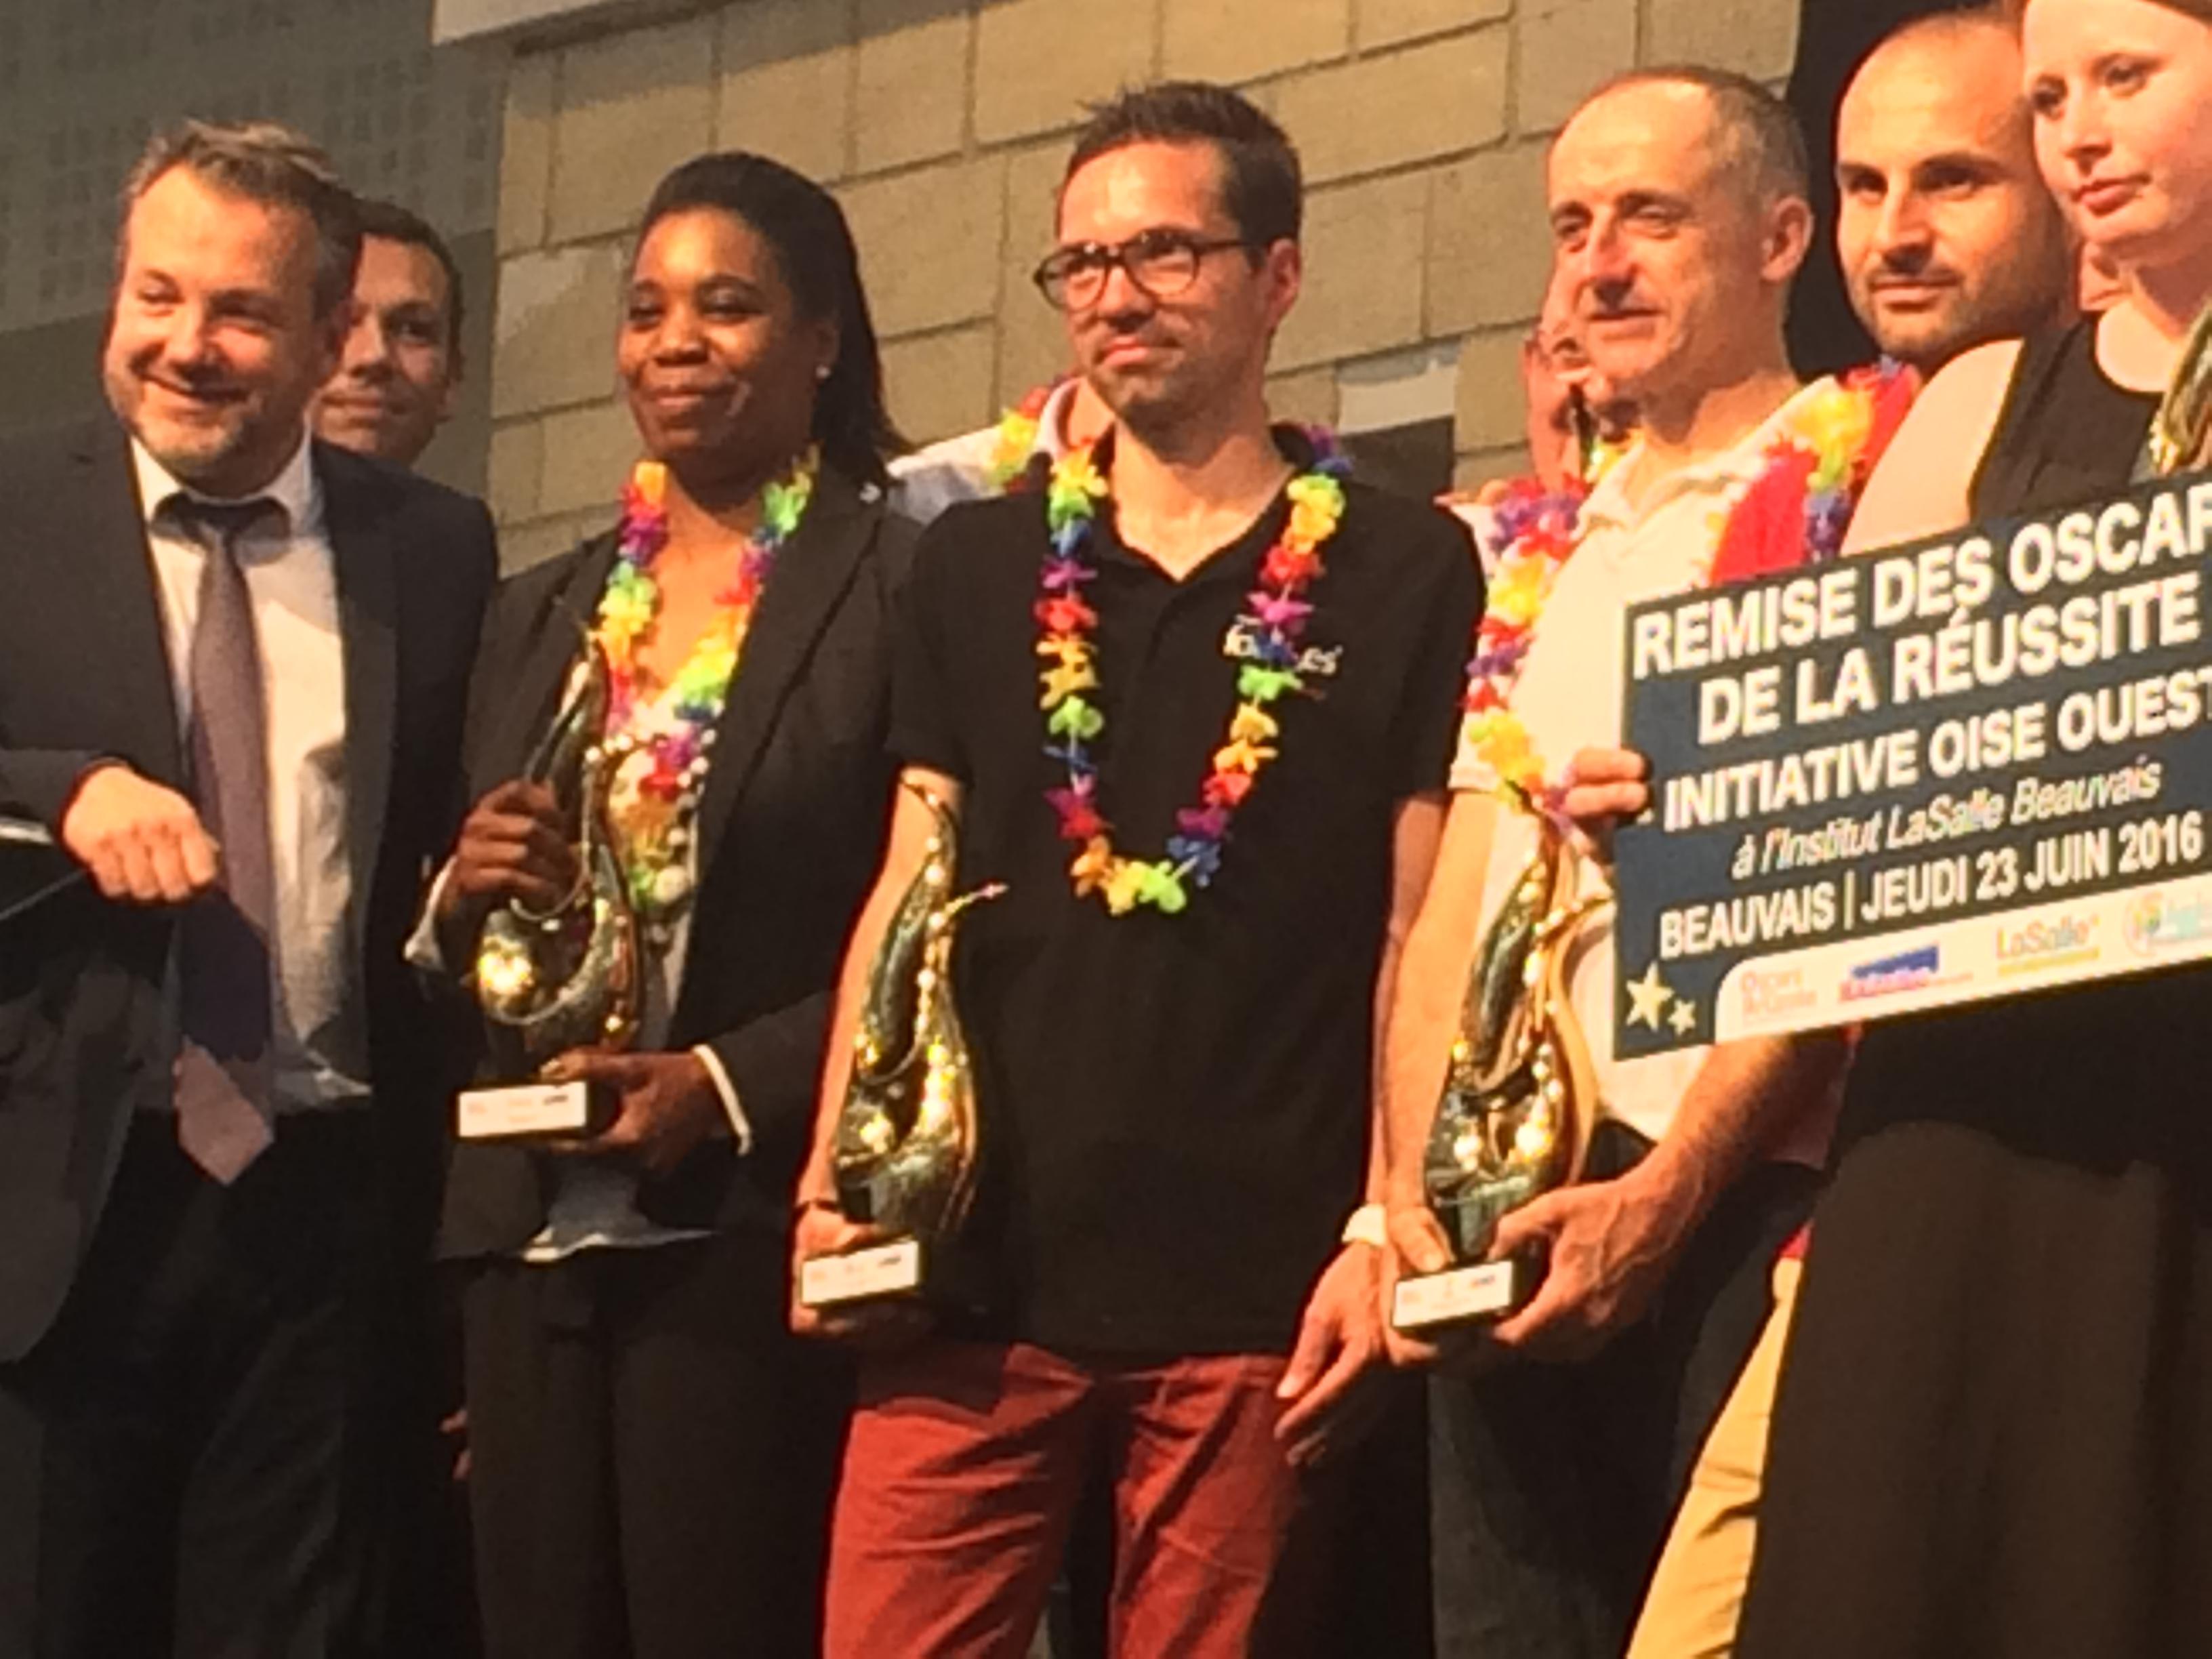 Oscars de la Réussite 2016 www.lajoiedecors.fr